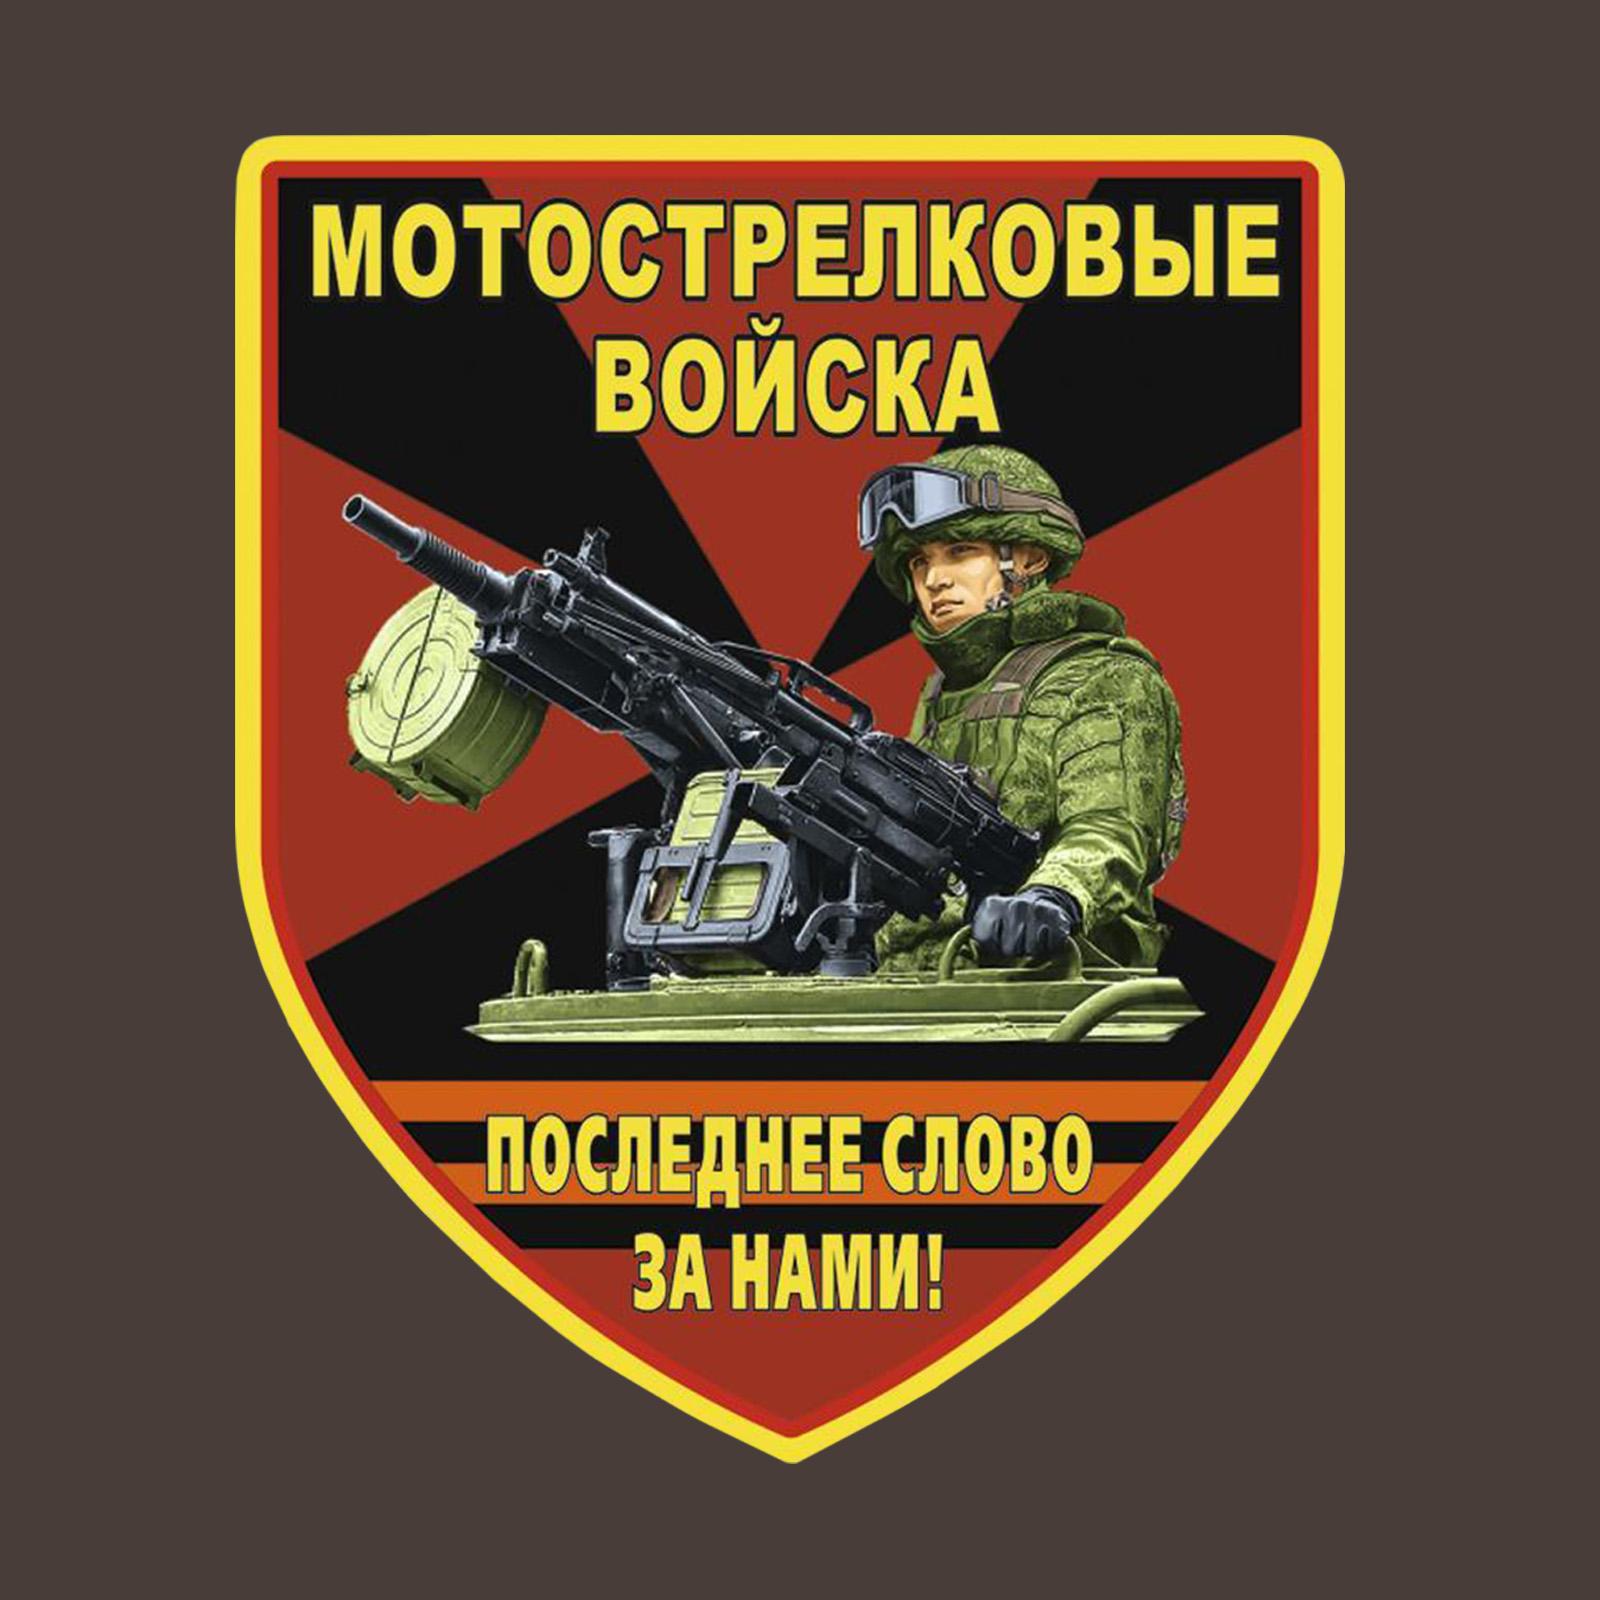 Оливковая футболка Мотострелковые войска